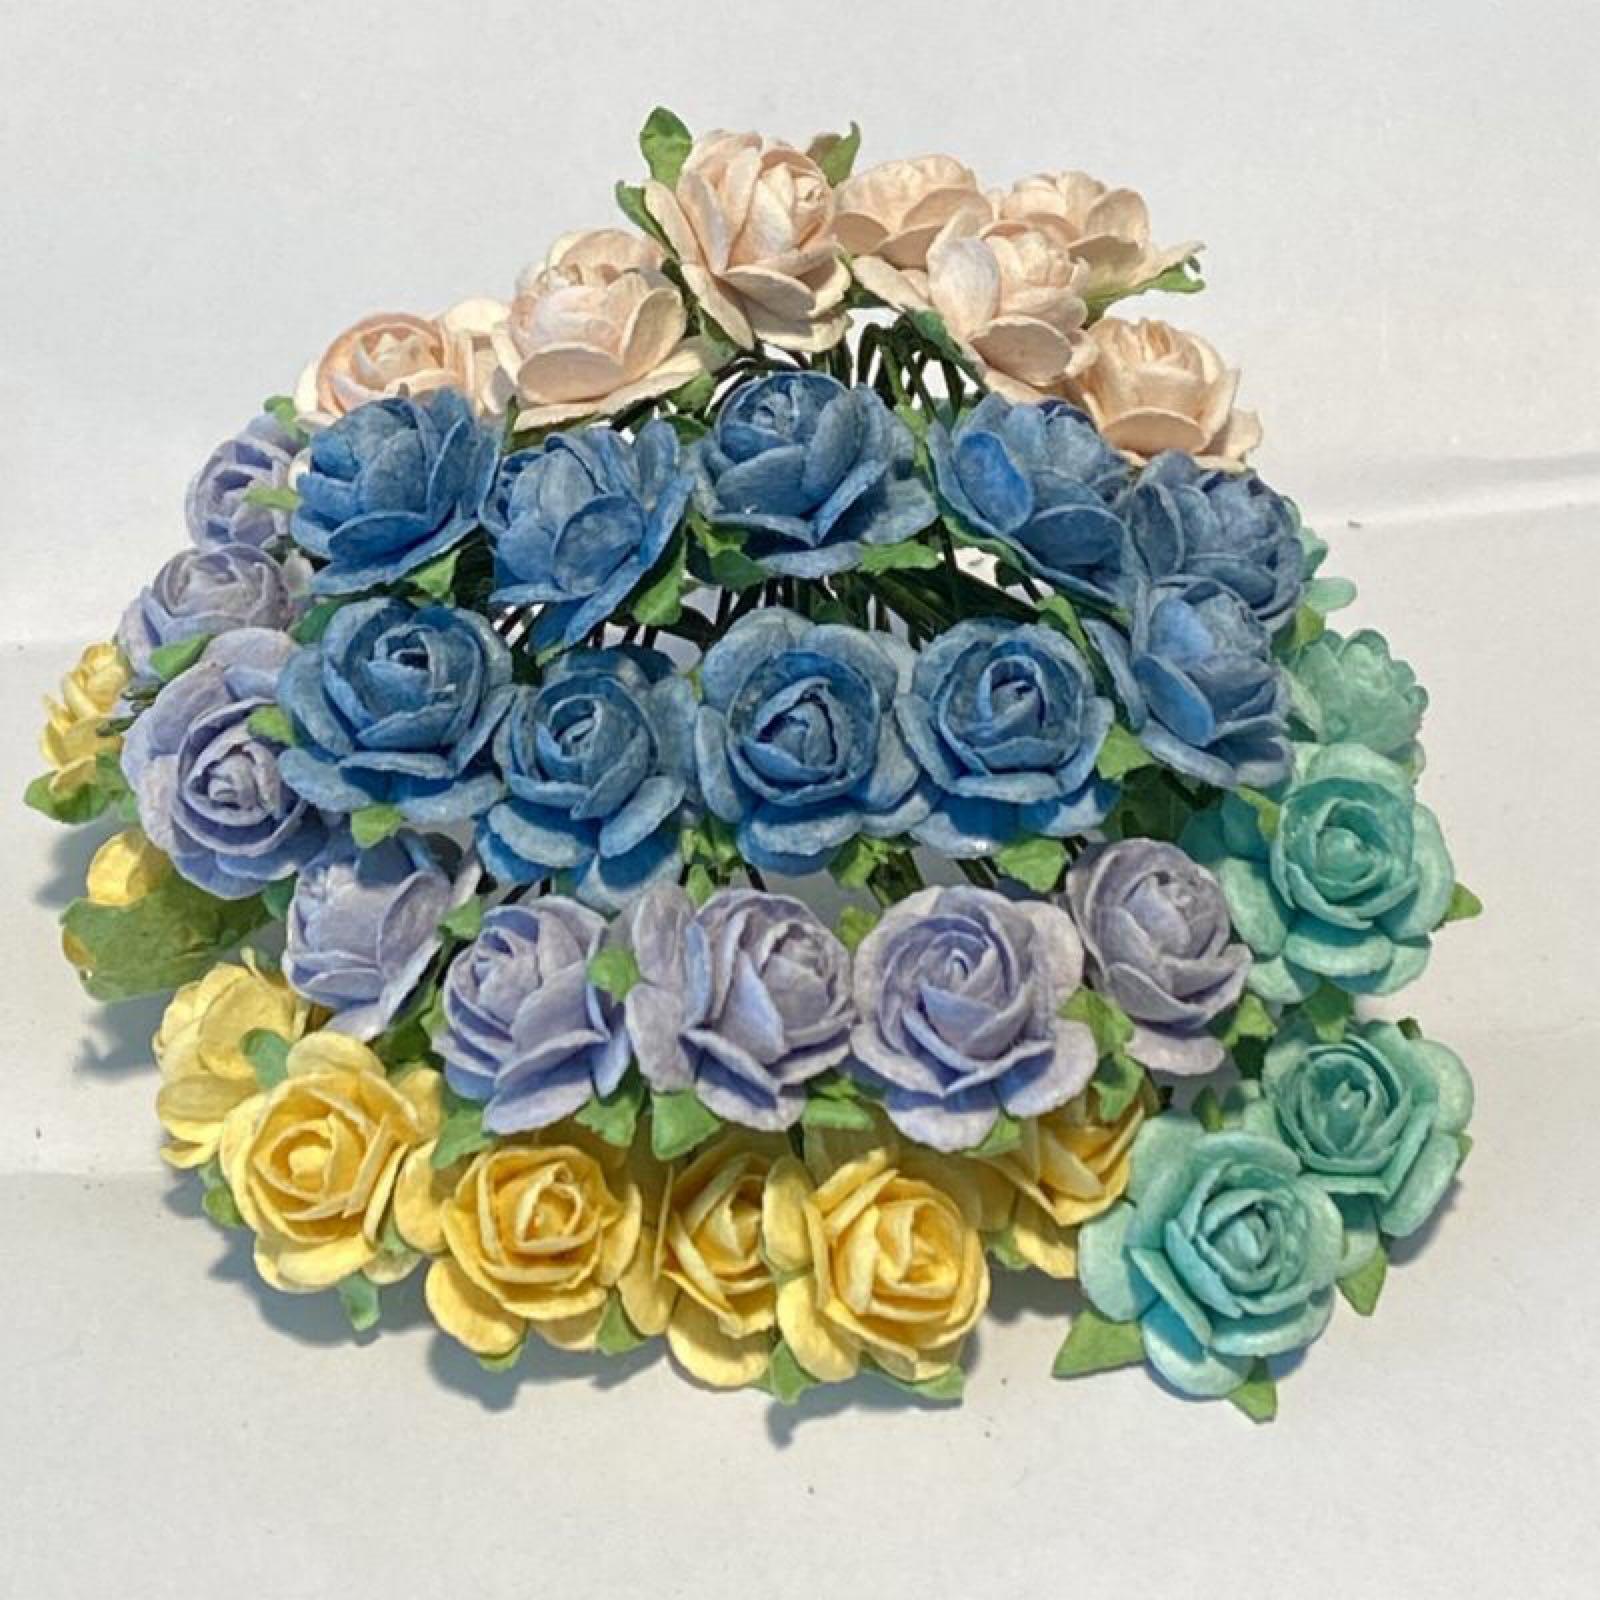 Papirdesign blomster, roser, sommermix , 1,2cm, 50 stk pr pk.